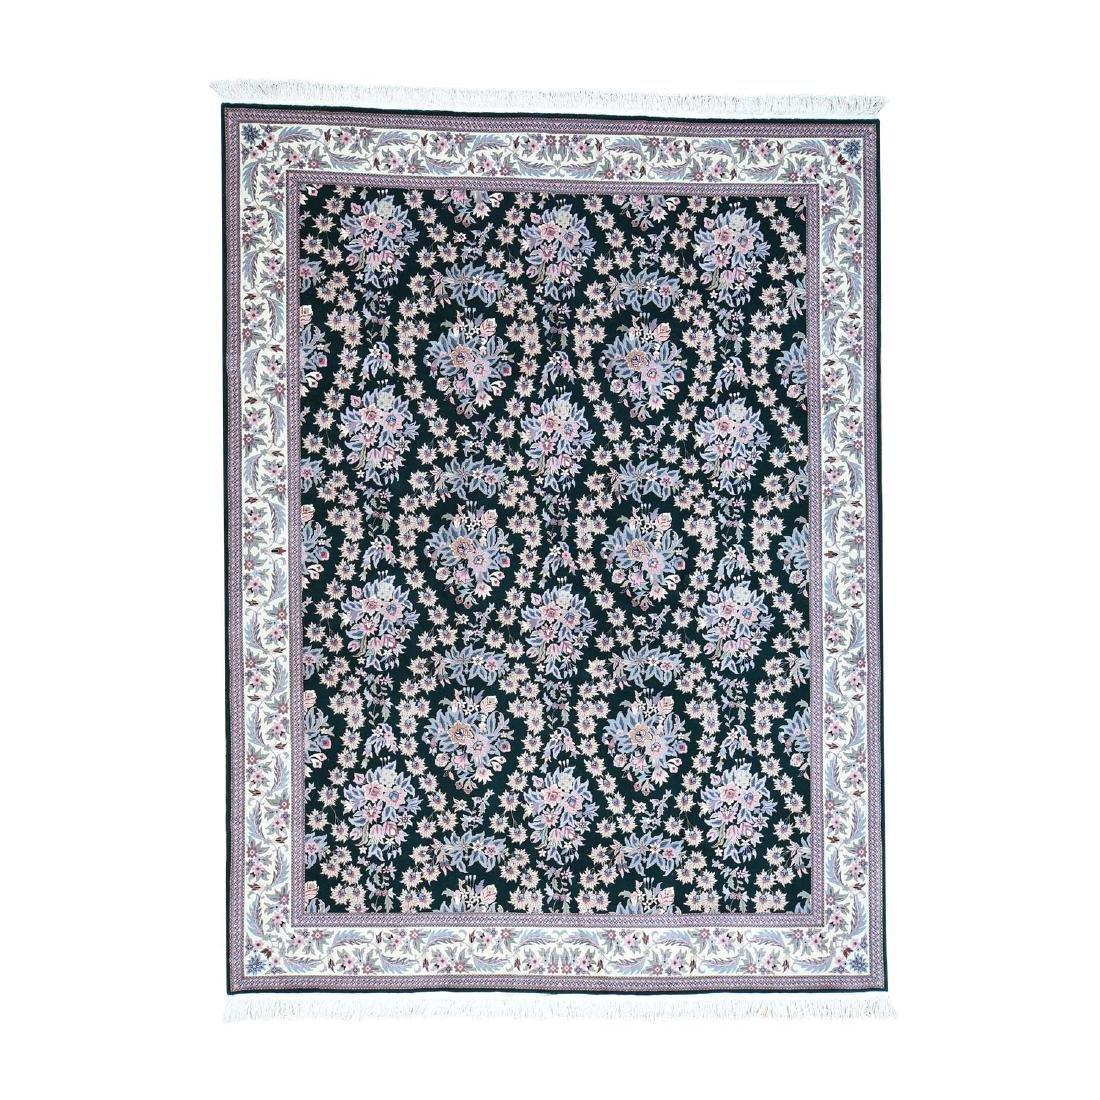 Hand-Knotted Sino Sarouk 250 Kpsi Pure Wool Rug 9x12